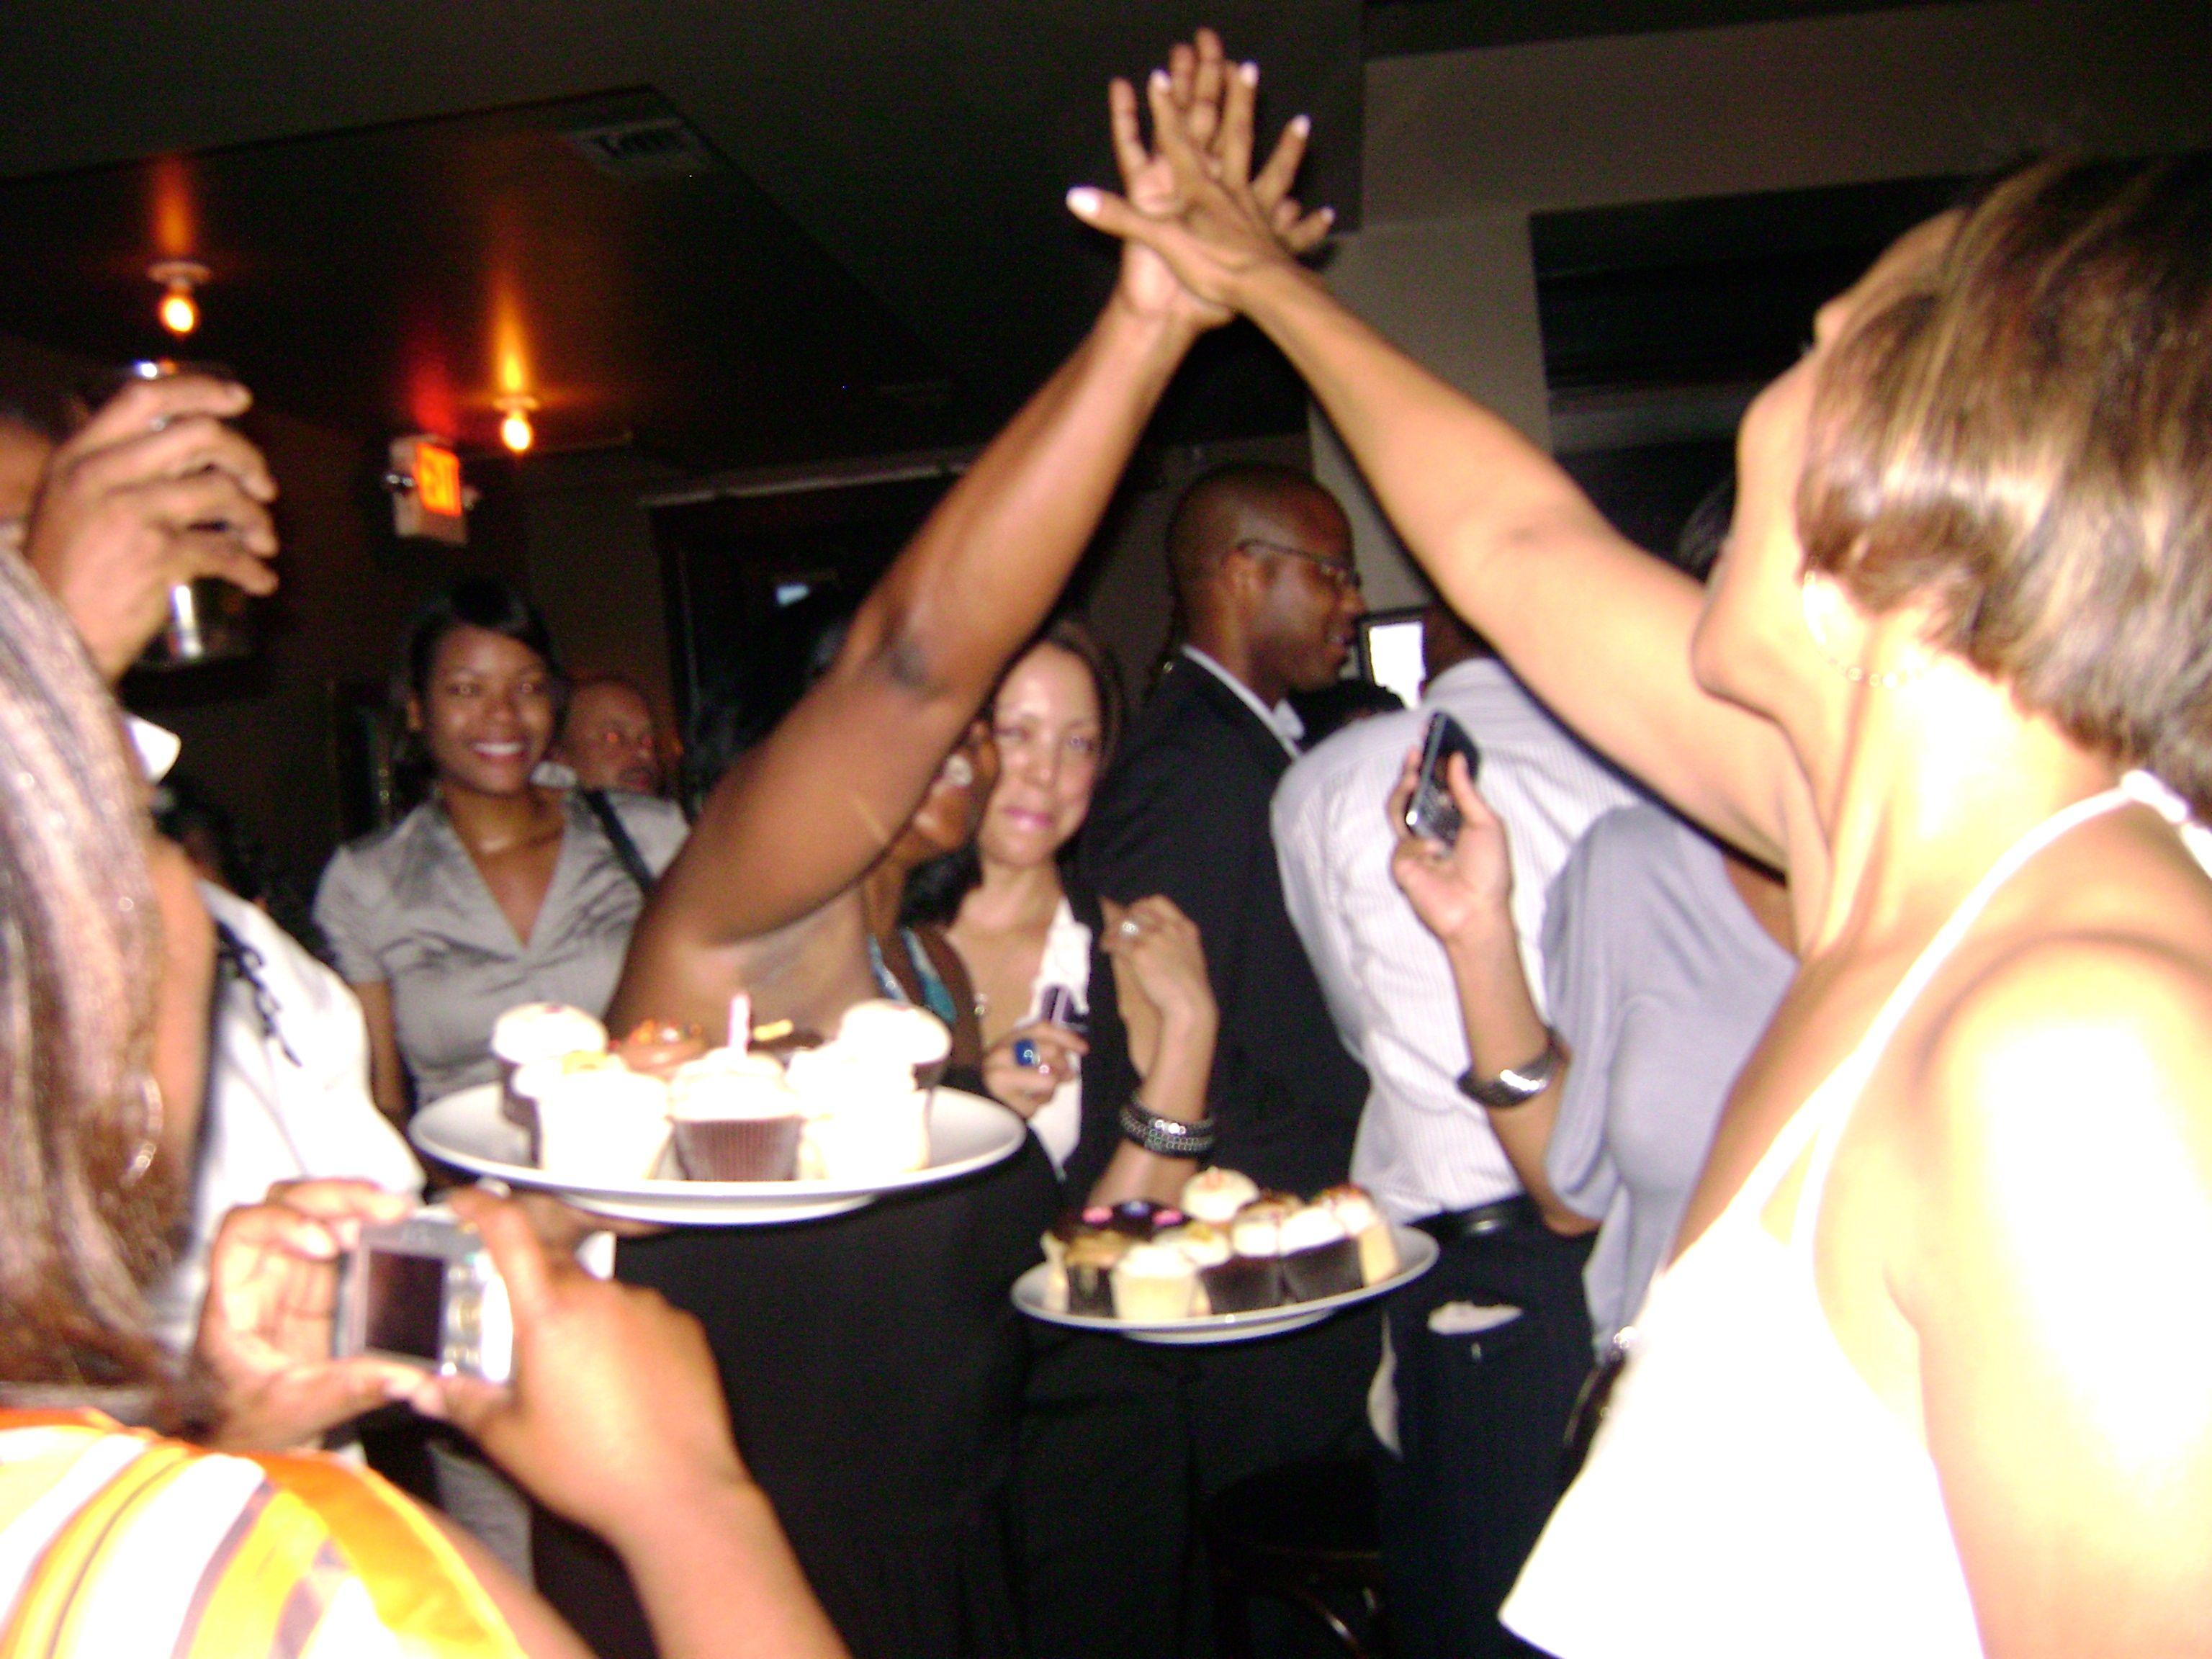 Nicole Birthday Party 2008 - 3